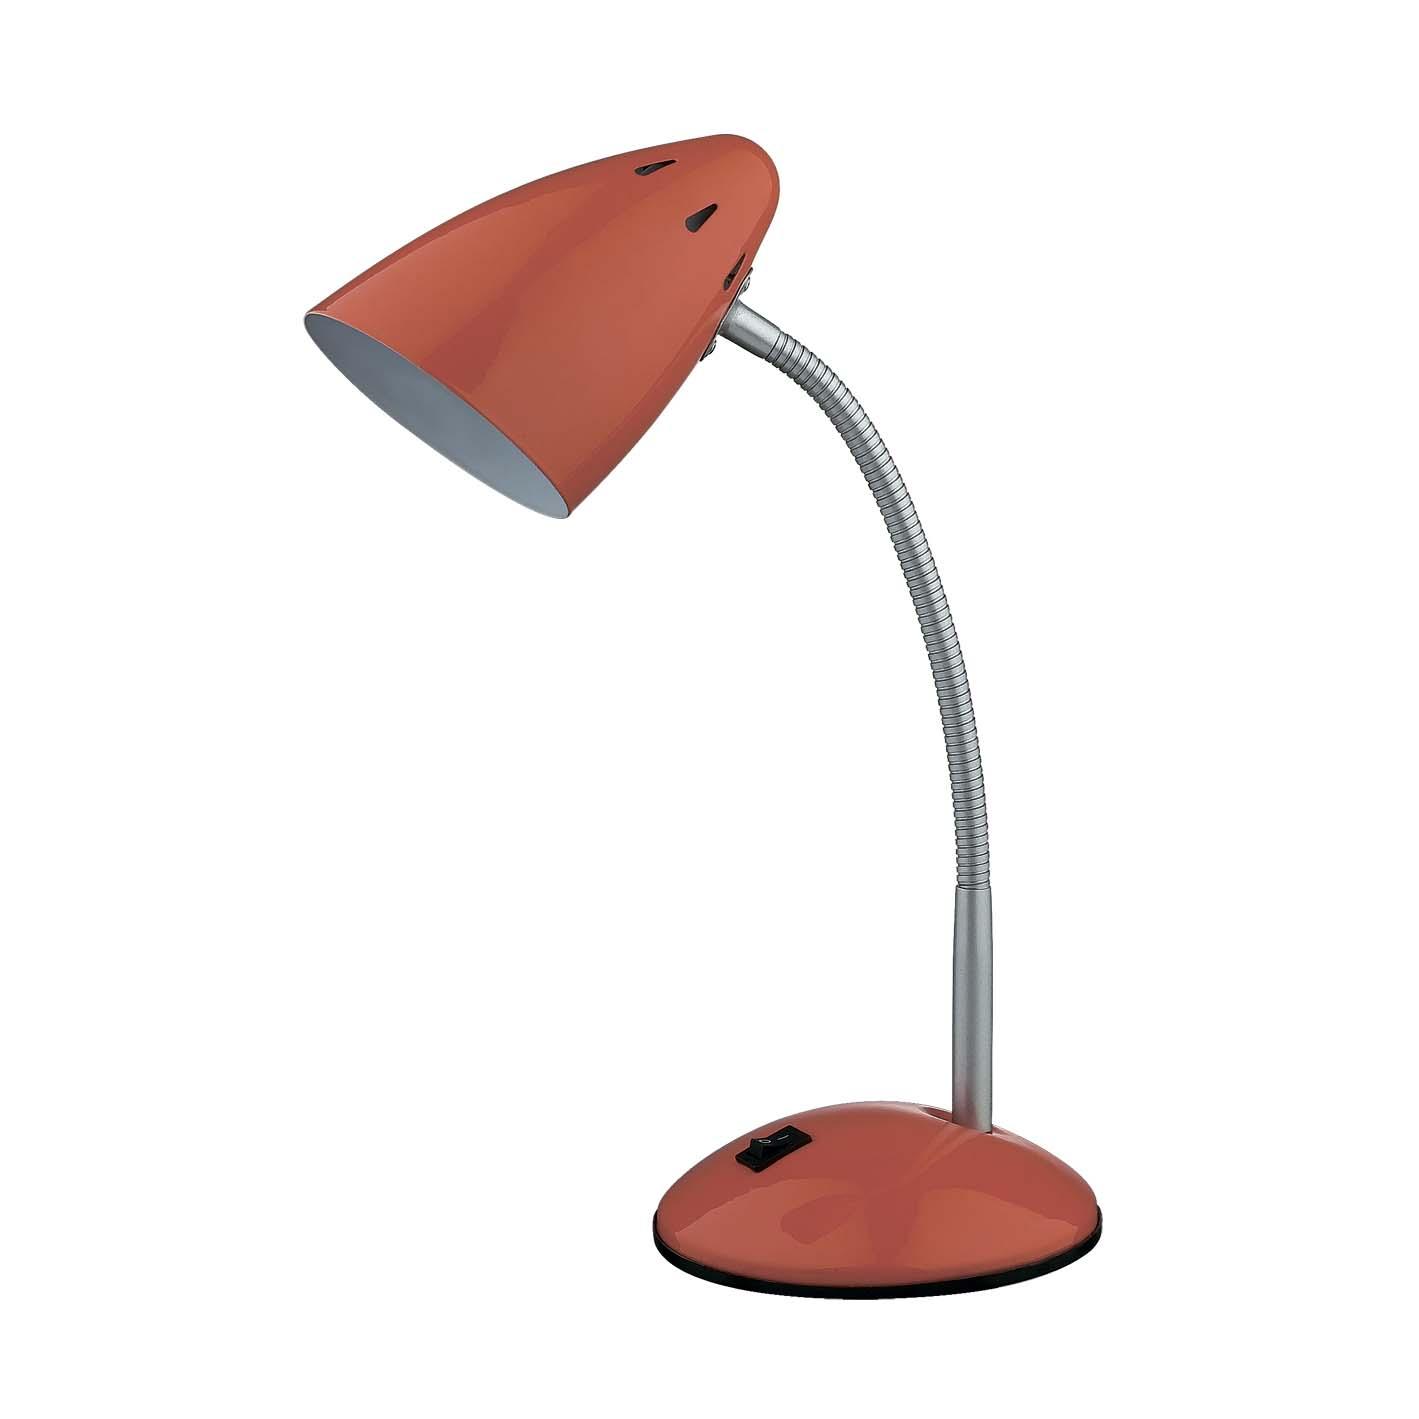 Лампа настольная Odeon light 2101/1t настольная лампа odeon light офисная luri 2327 1t